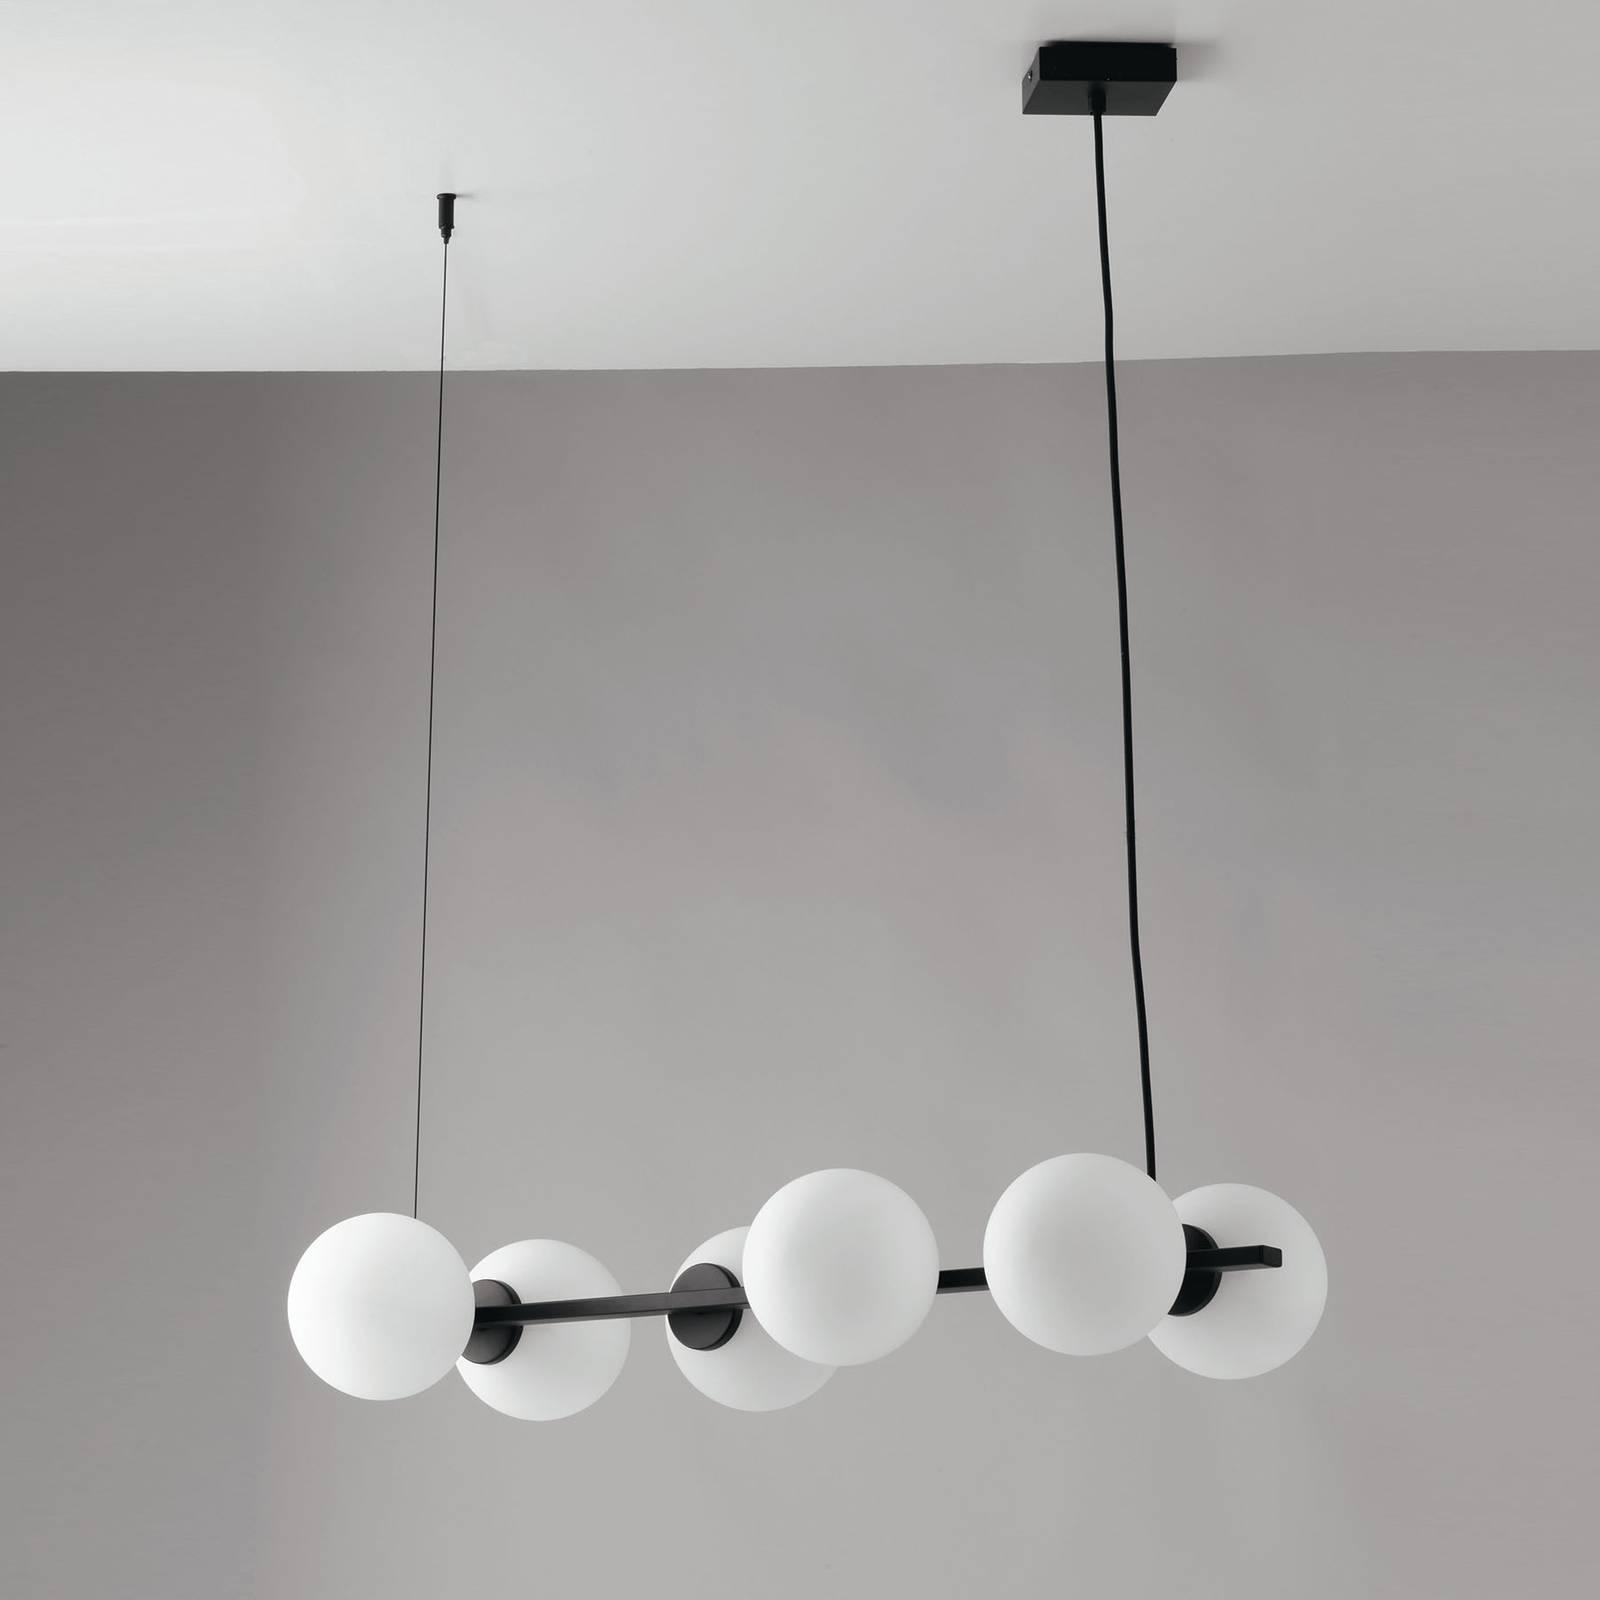 Hanglamp Enoire in zwart en wit, 6-lamps